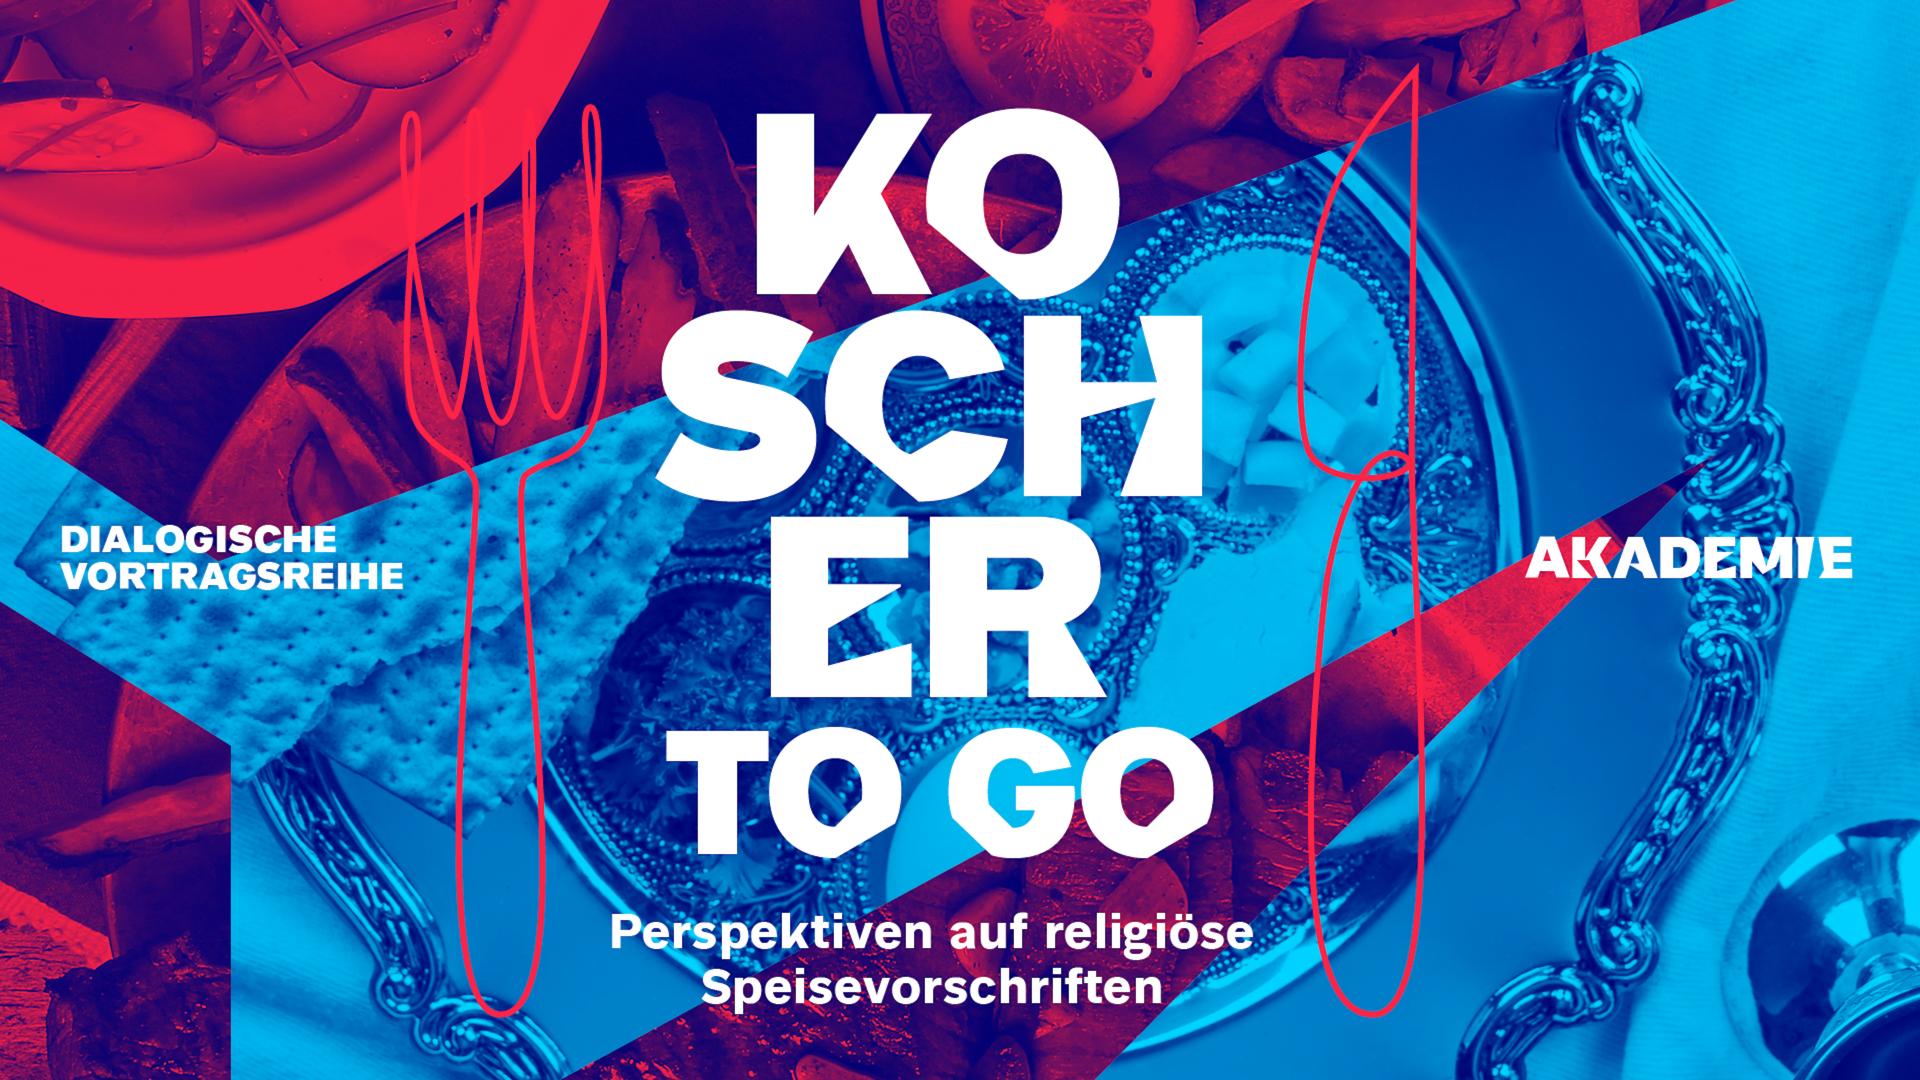 Grafik zur Veranstaltung: Rot-blaue Collage, die Fotoausschnitte von Speisen und silbernem Geschirr zeigt. Aufschrift in weiß: Koscher to go